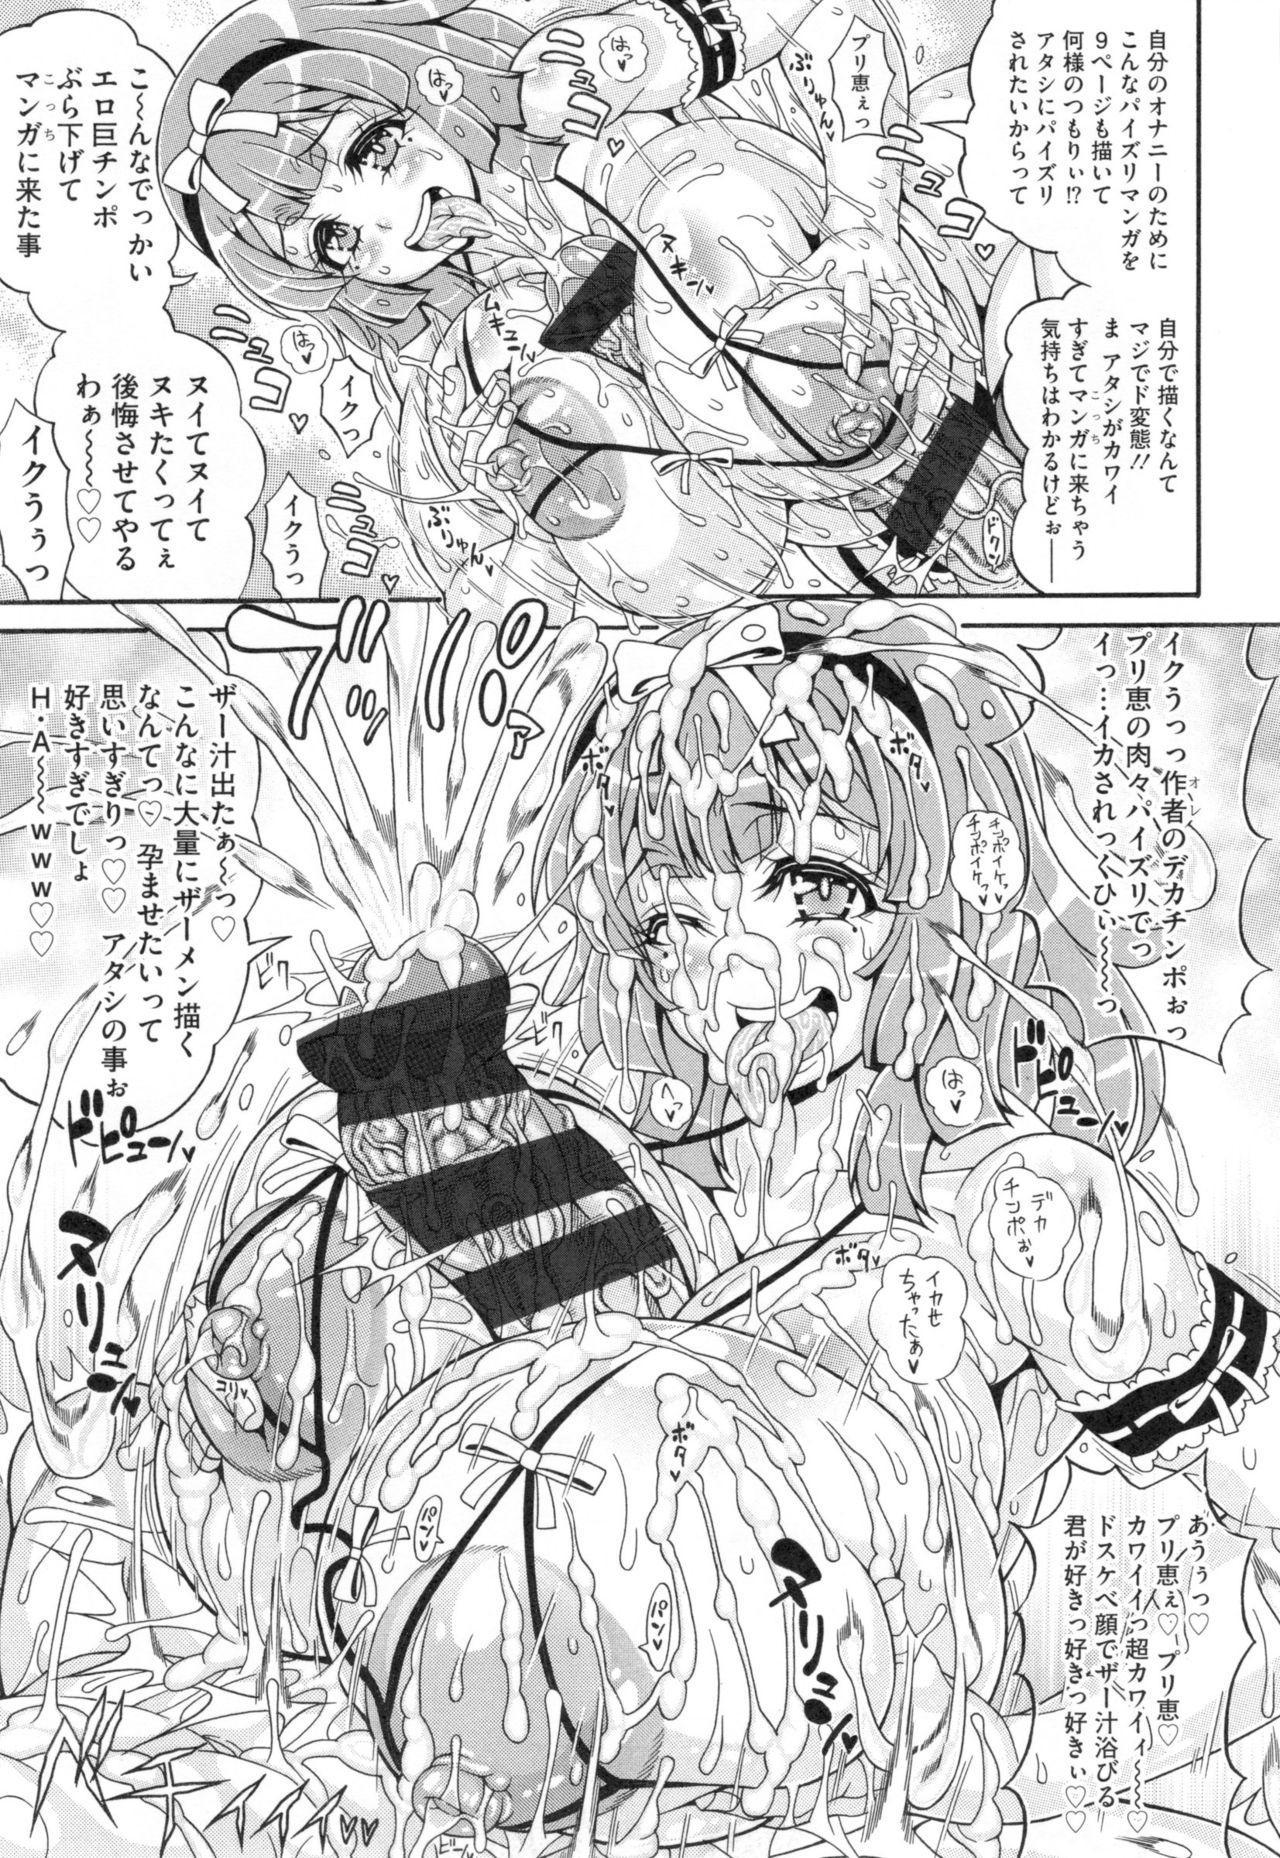 [Andou Hiroyuki] Pakopako Bitch ~Megamori! Mashimashi! Dosukebe Niku~ + Toranoana Leaflet 179